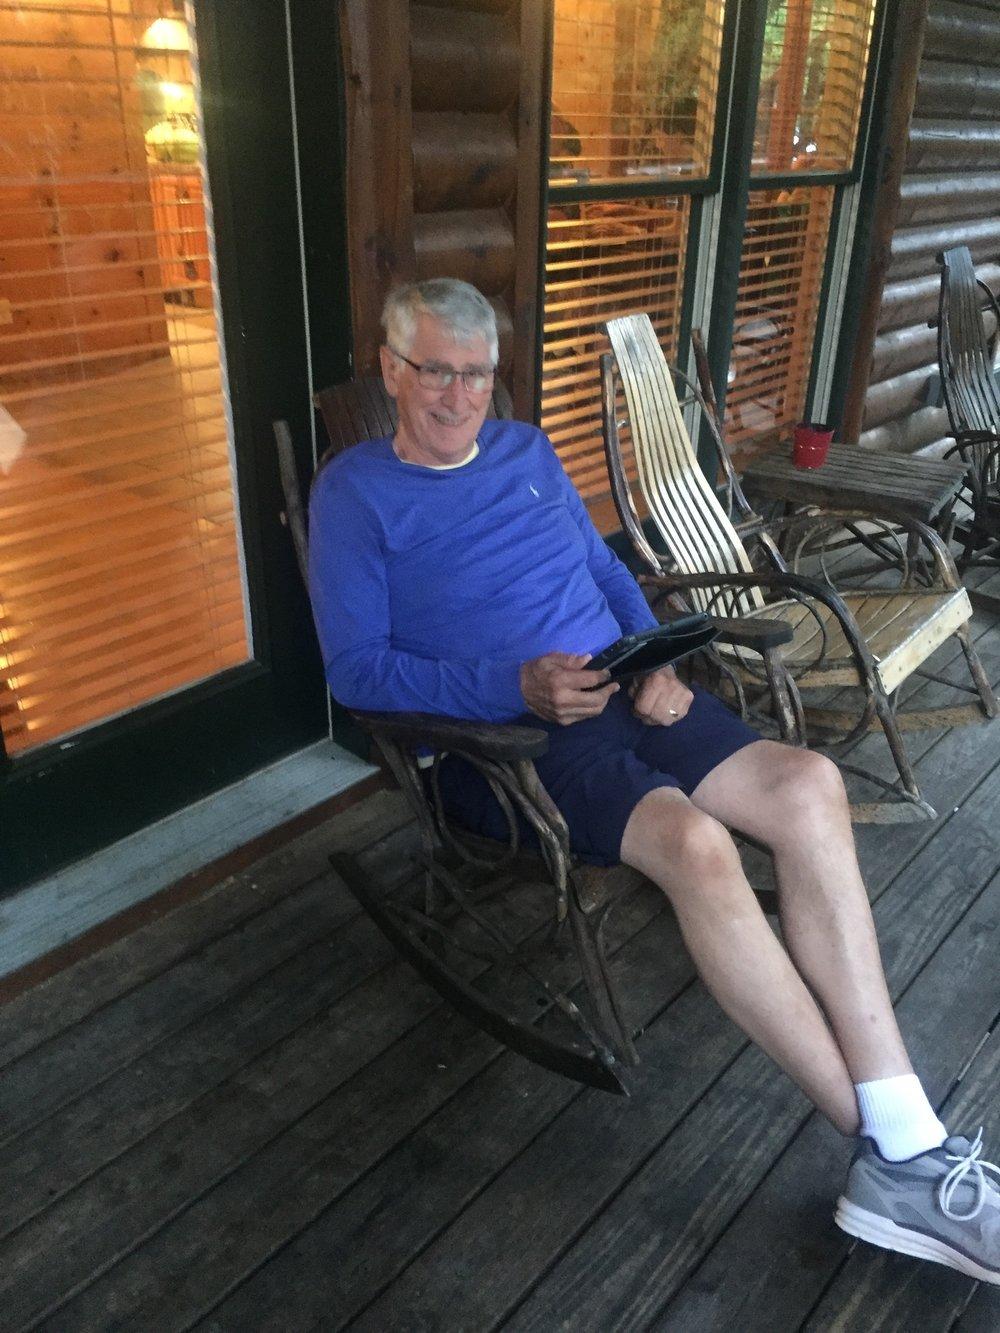 Older Man in a Rocker